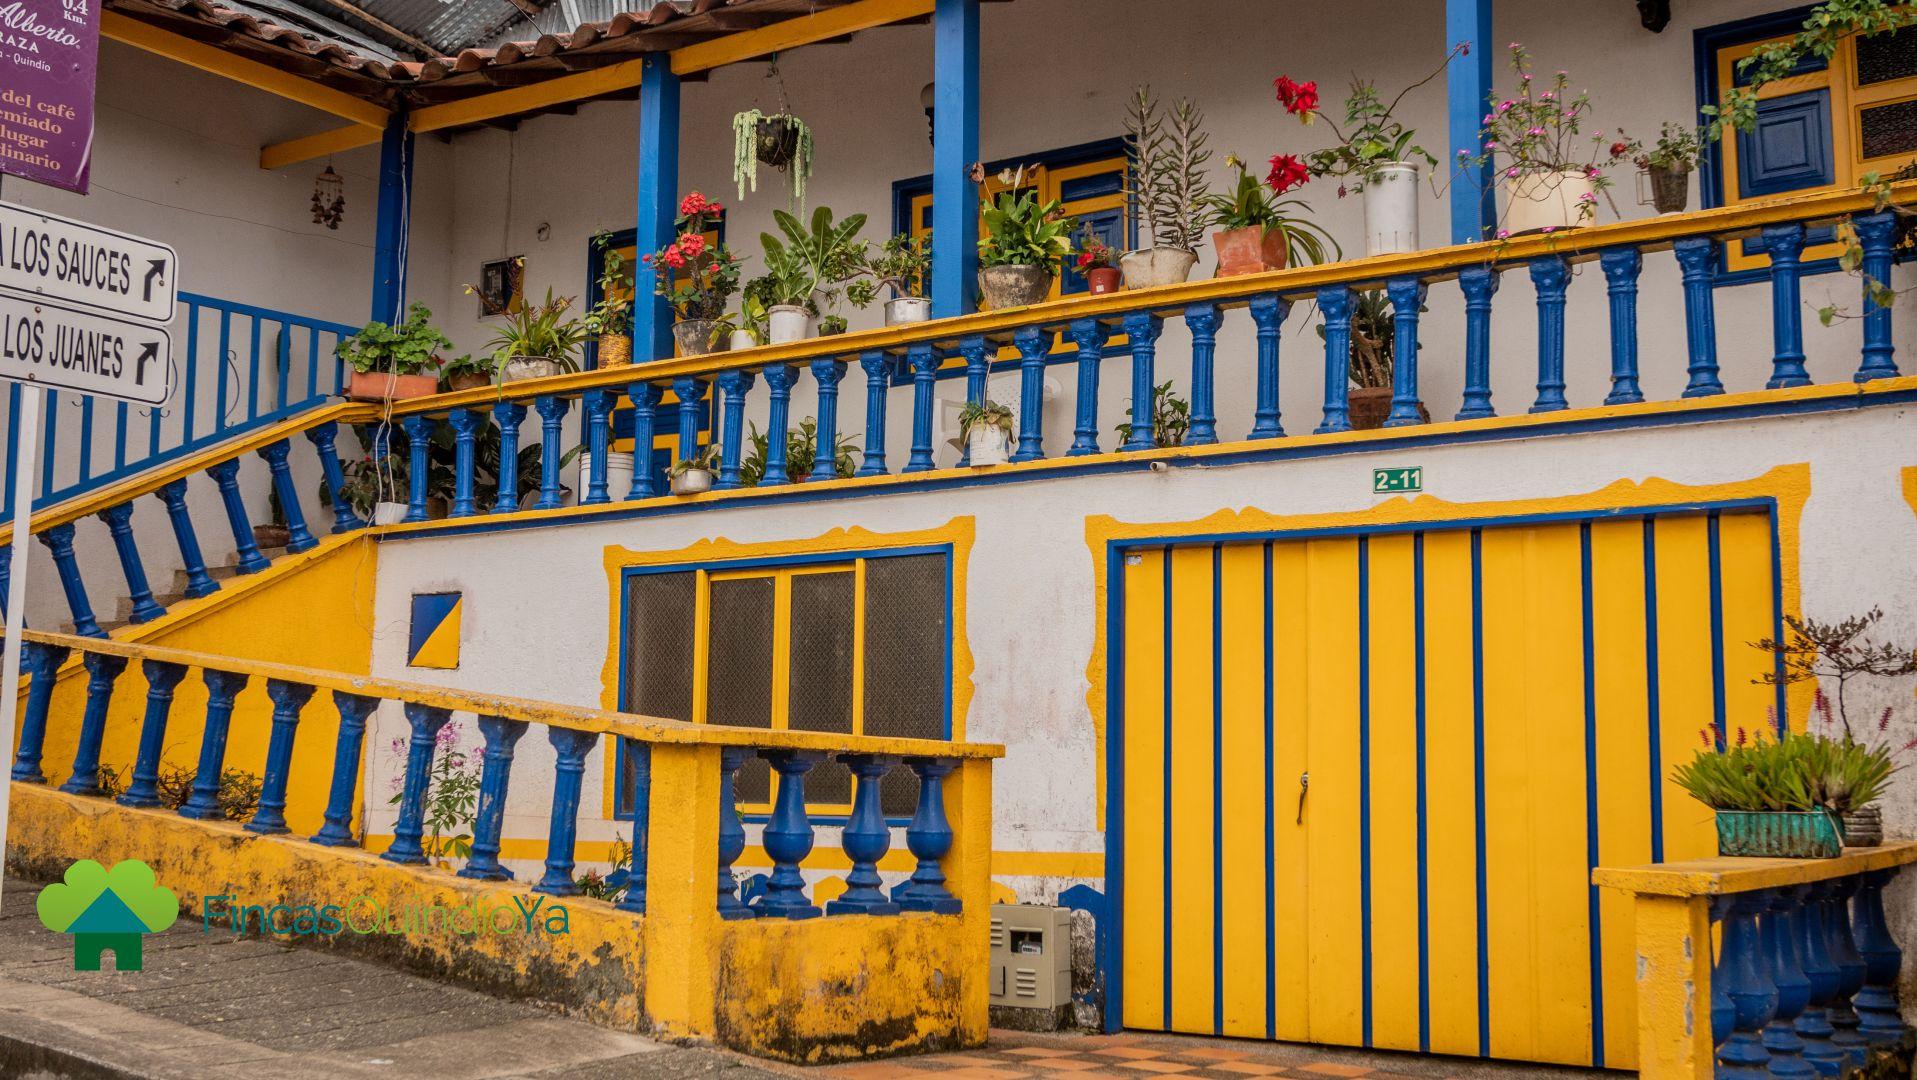 Casa tipica de color amarilo, azul y blanco